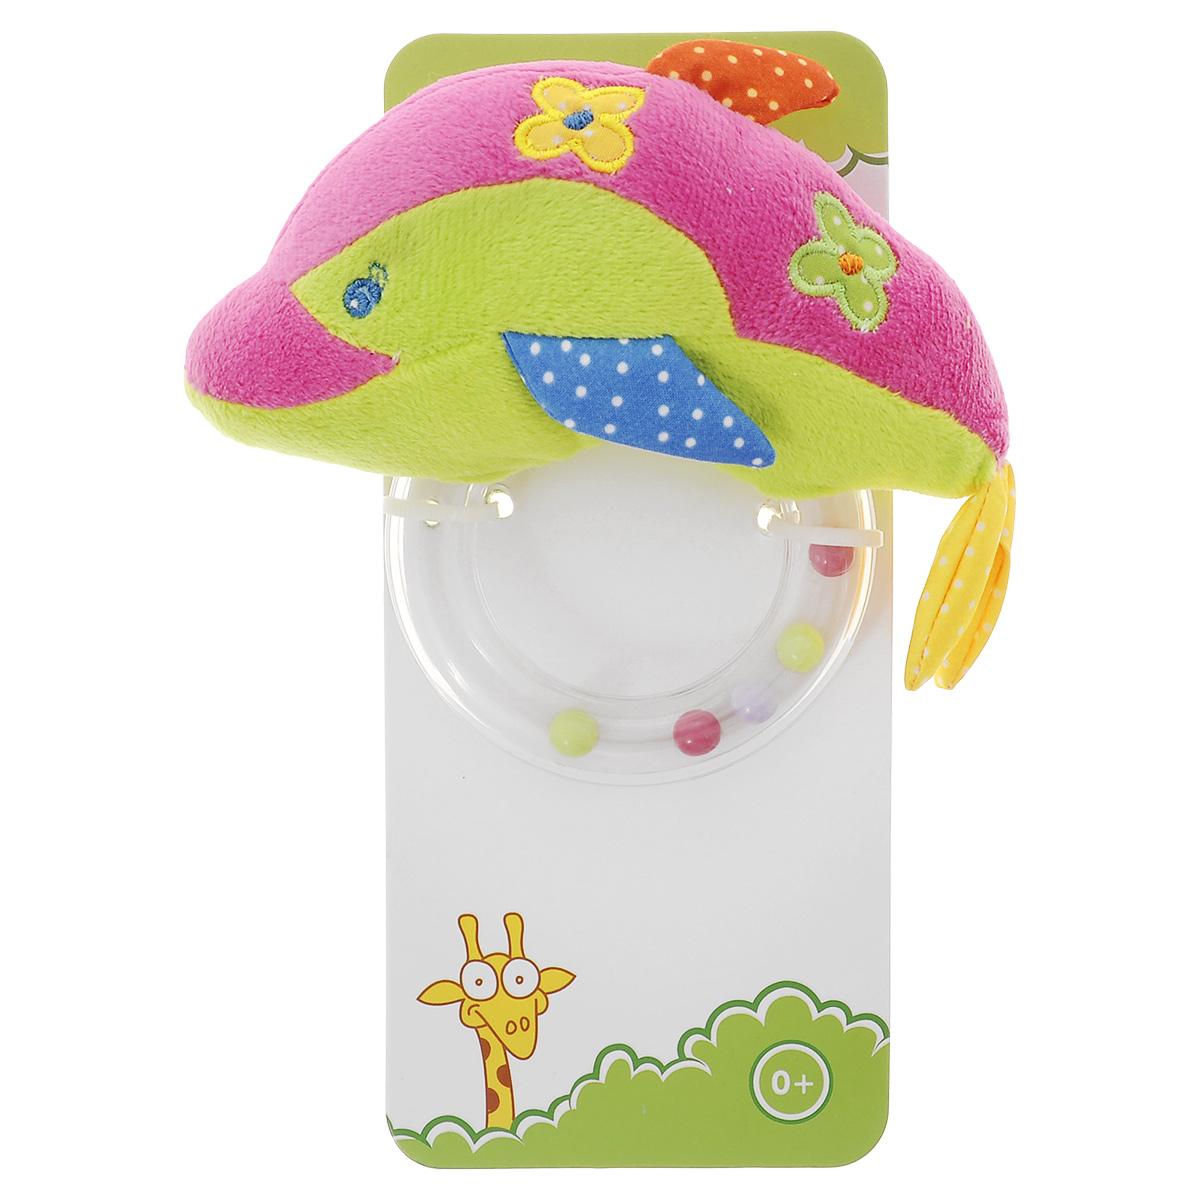 Развивающая игрушка Жирафики Дельфин-погремушка, цвет: малиновый, салатовый жирафики развивающая игрушка цветной мячик в ассорименте жирафики